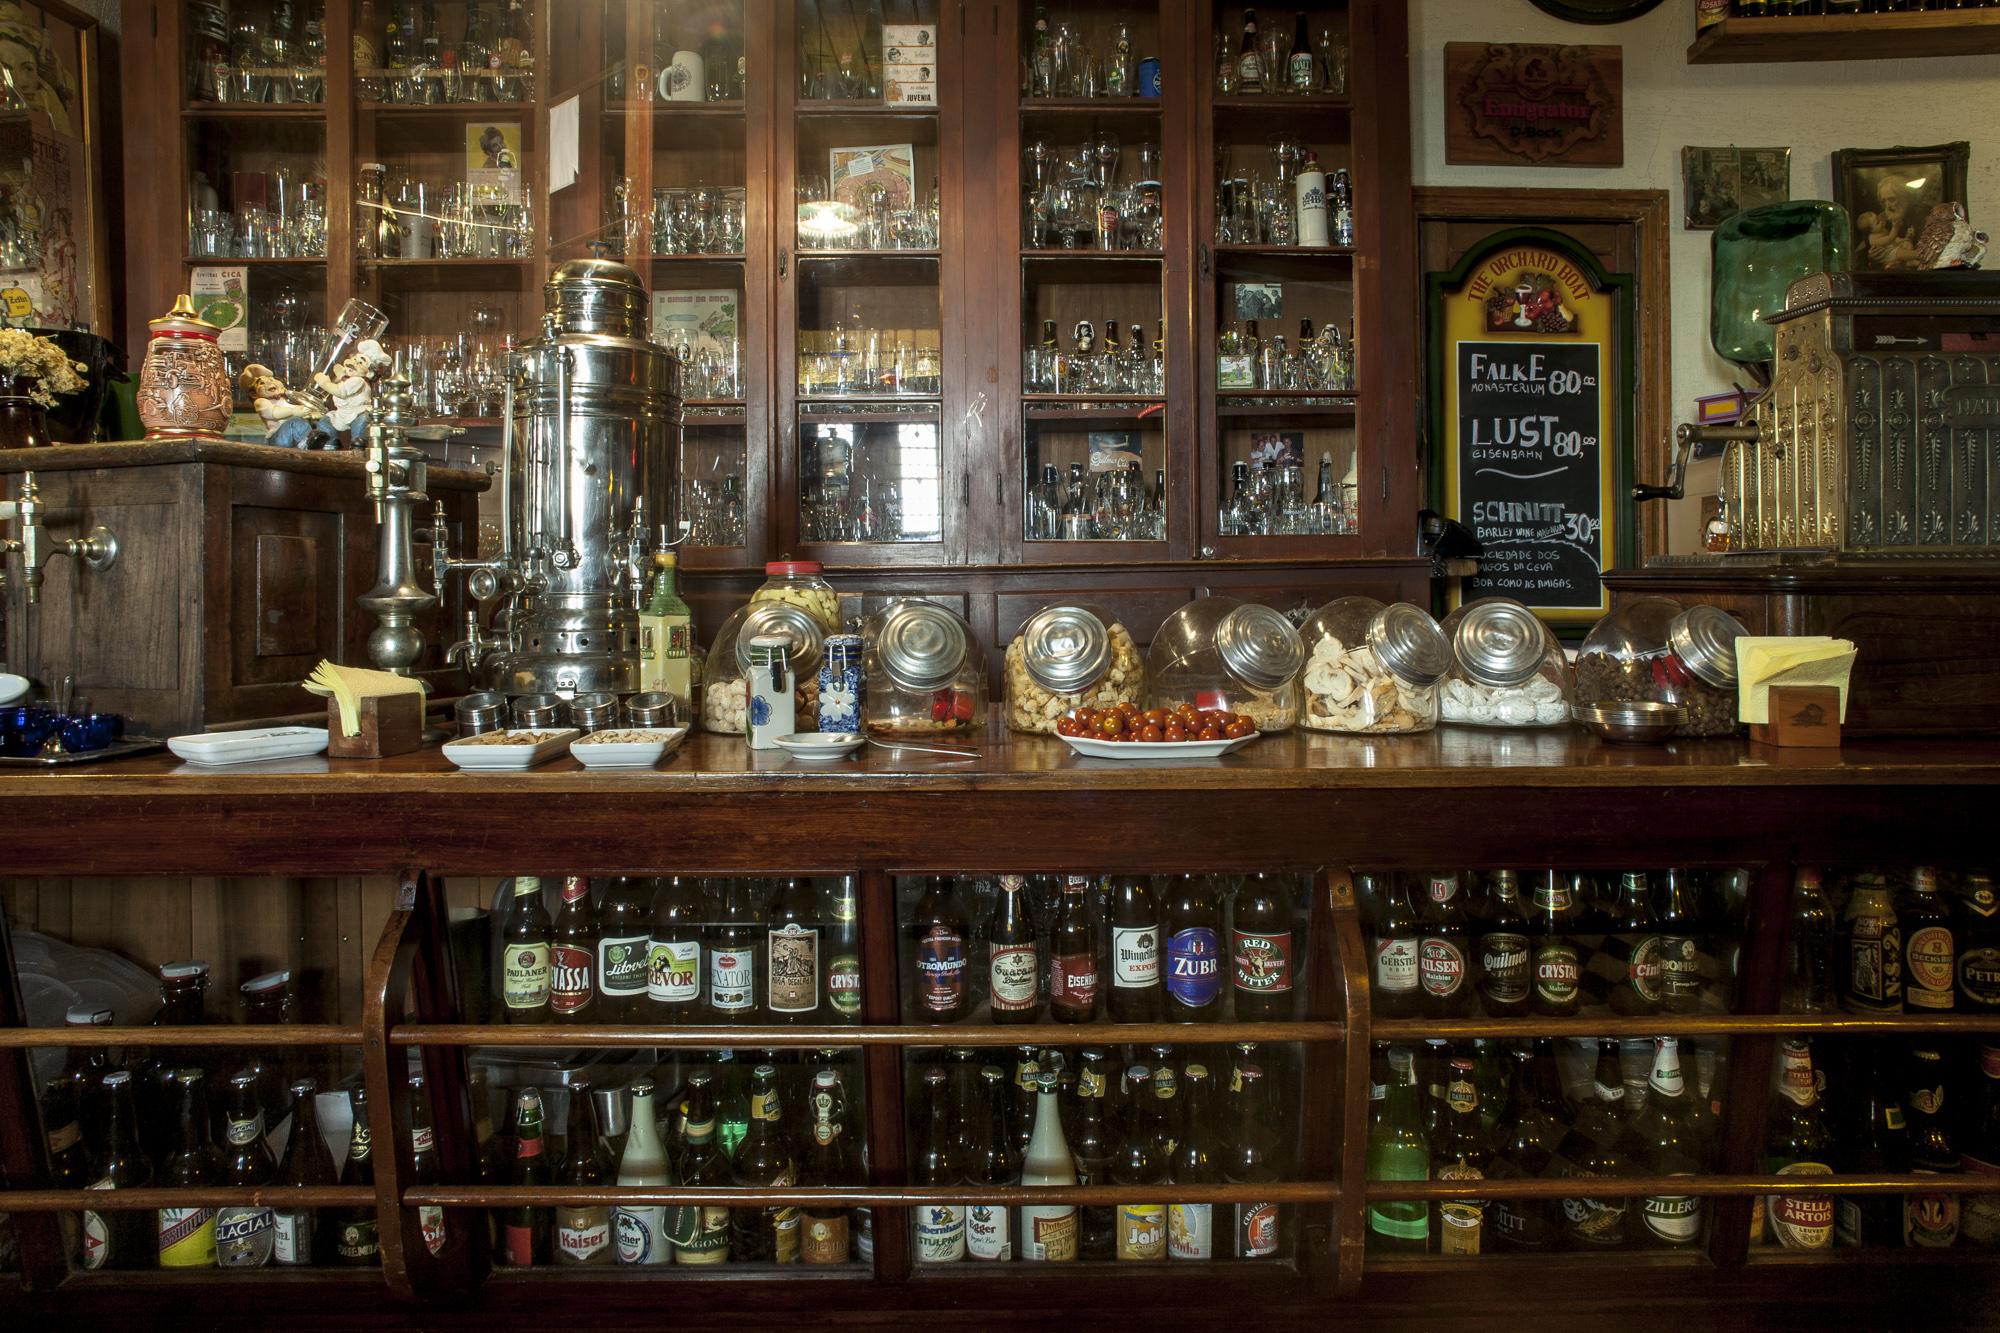 Para entrar no bar, é preciso ser convidado por algum frequentador ou pelo próprio dono (FOTO: RICARDO JAEGER/REVISTA BEER ART)